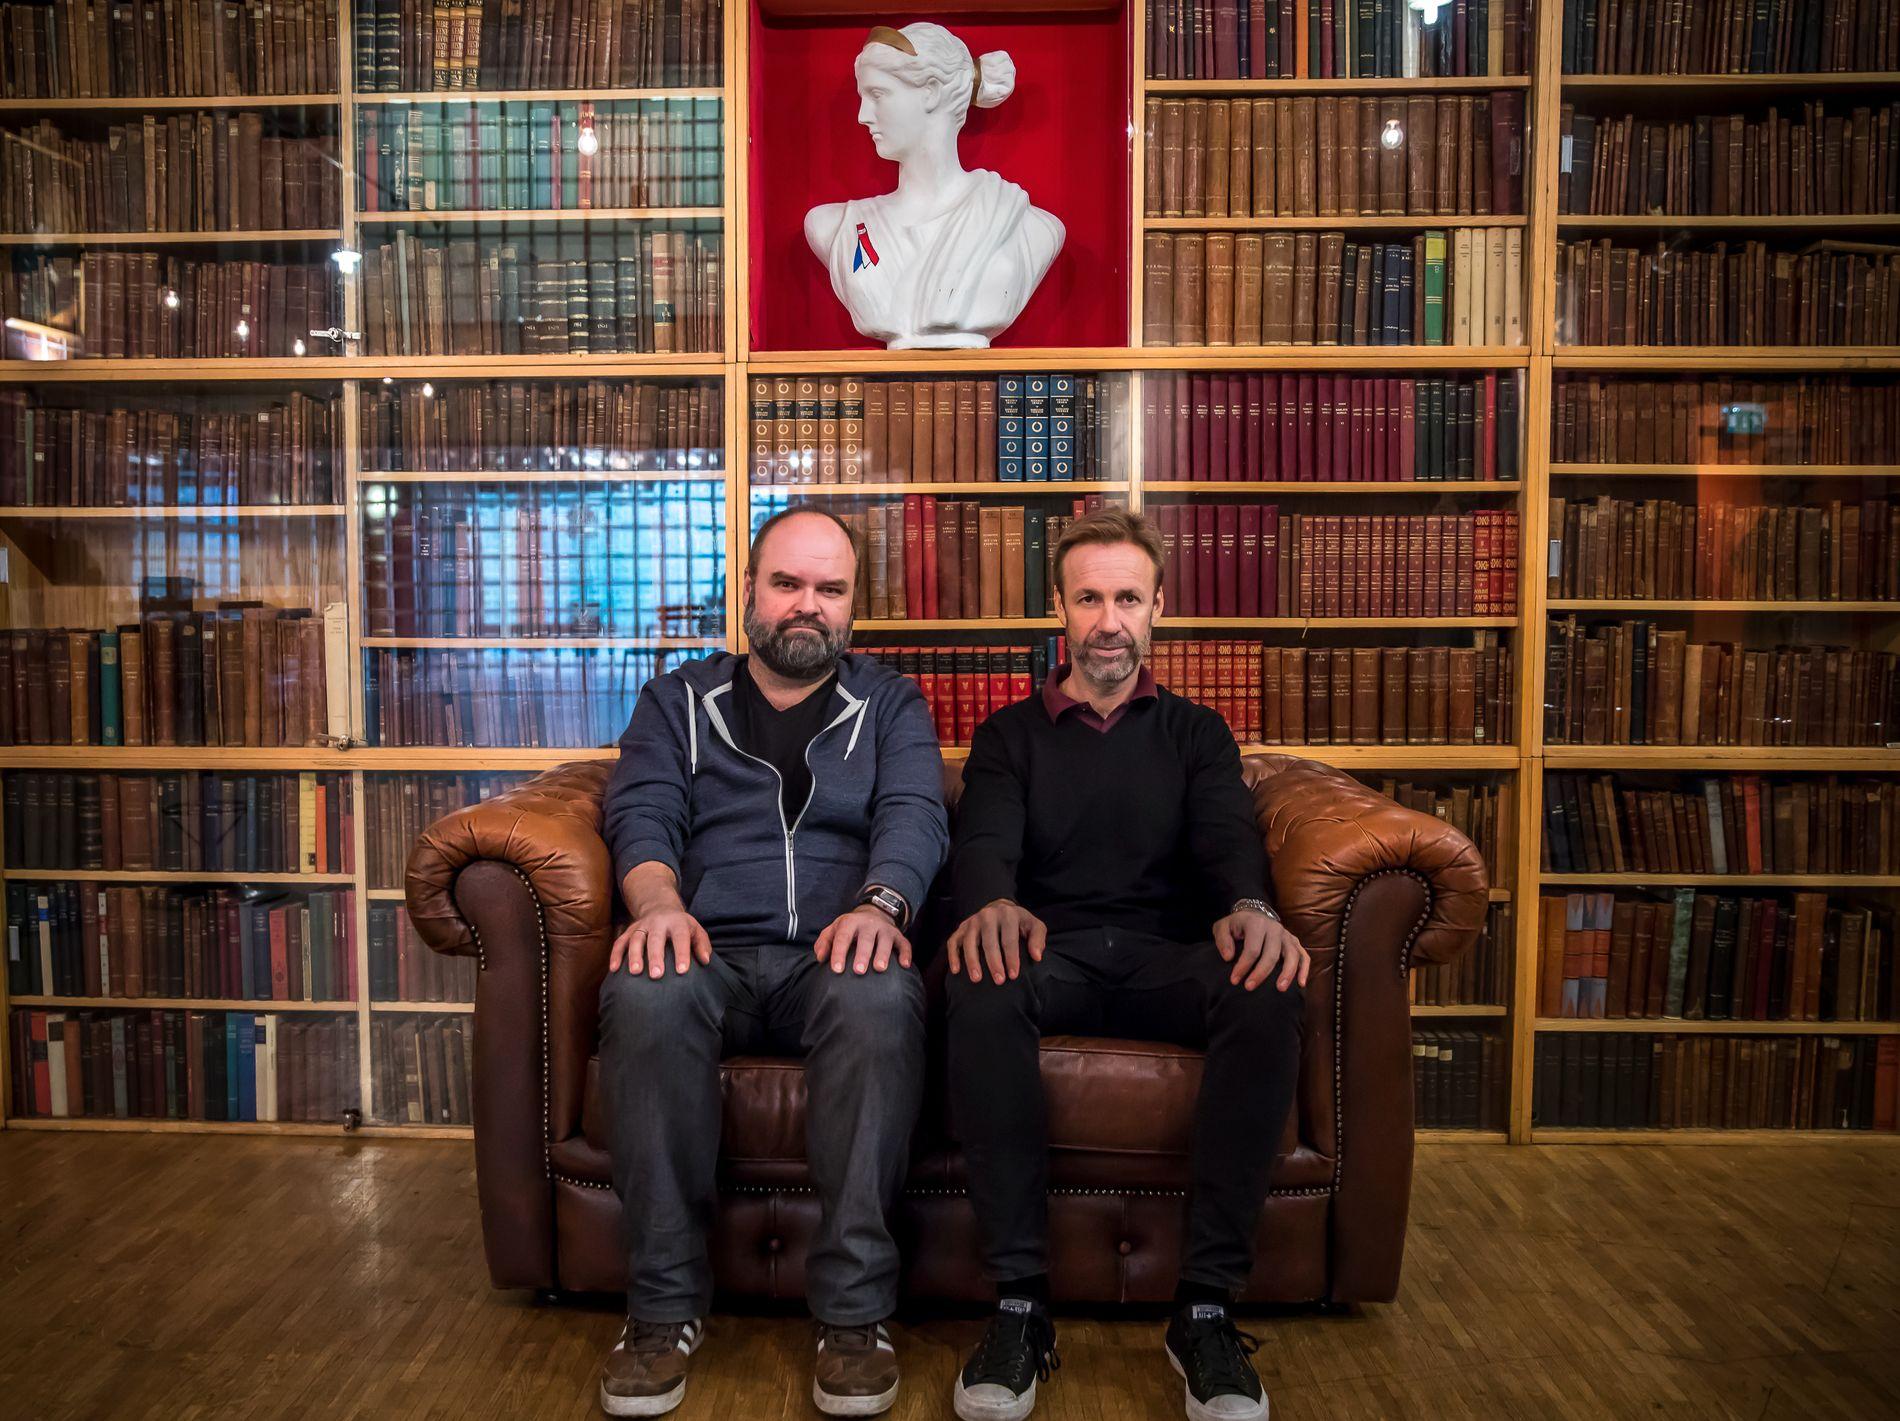 SAMMEN IGJEN: I ukene som kommer inviterer Thomas Giertsen og Atle Antonsen til Humorgalla på Chateau Neuf i Oslo.